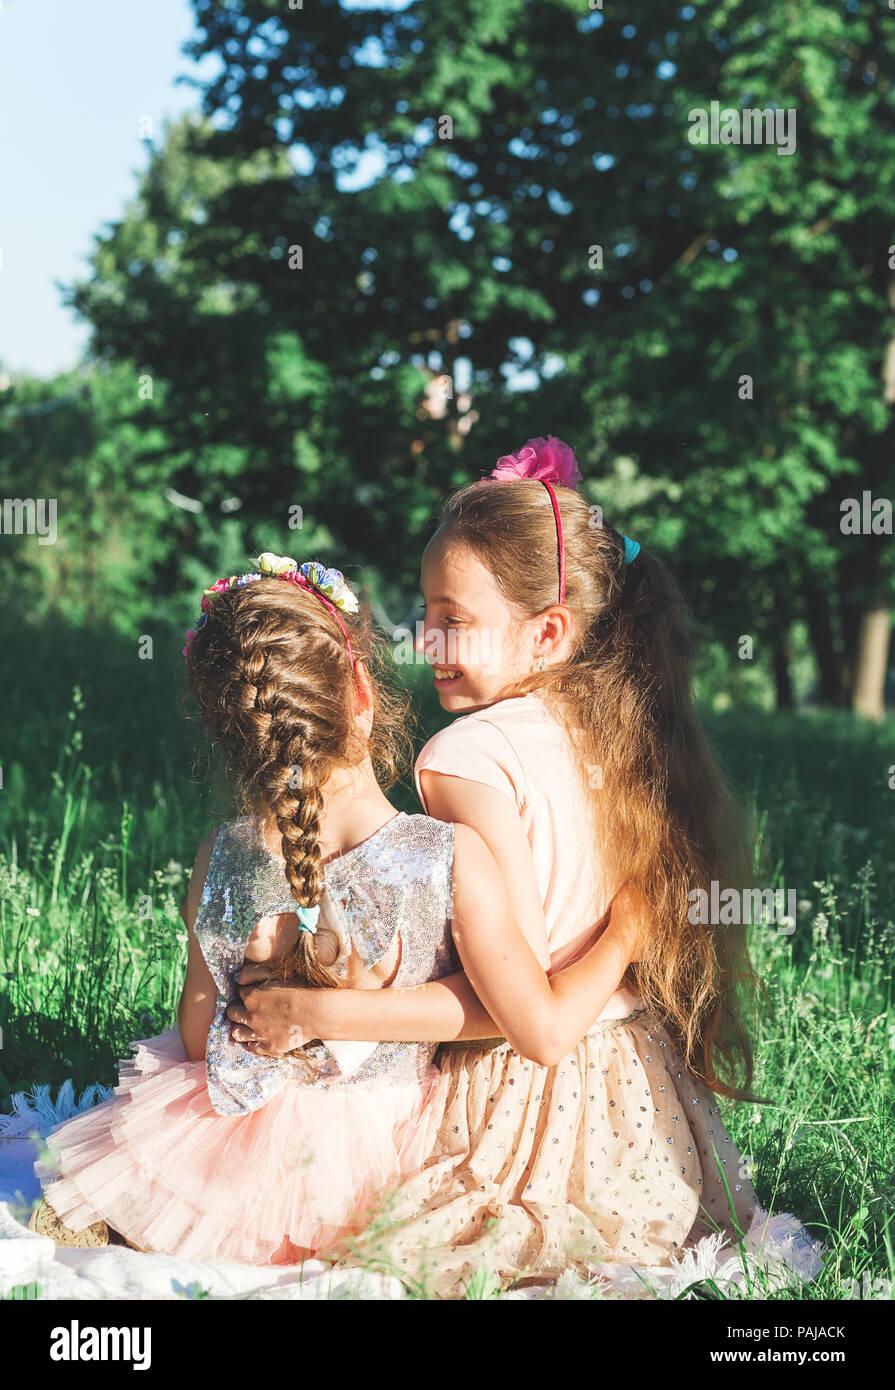 Portrait de deux tons Happy little girls embrassant et passer du temps au parc d'été ensoleillé Photo Stock